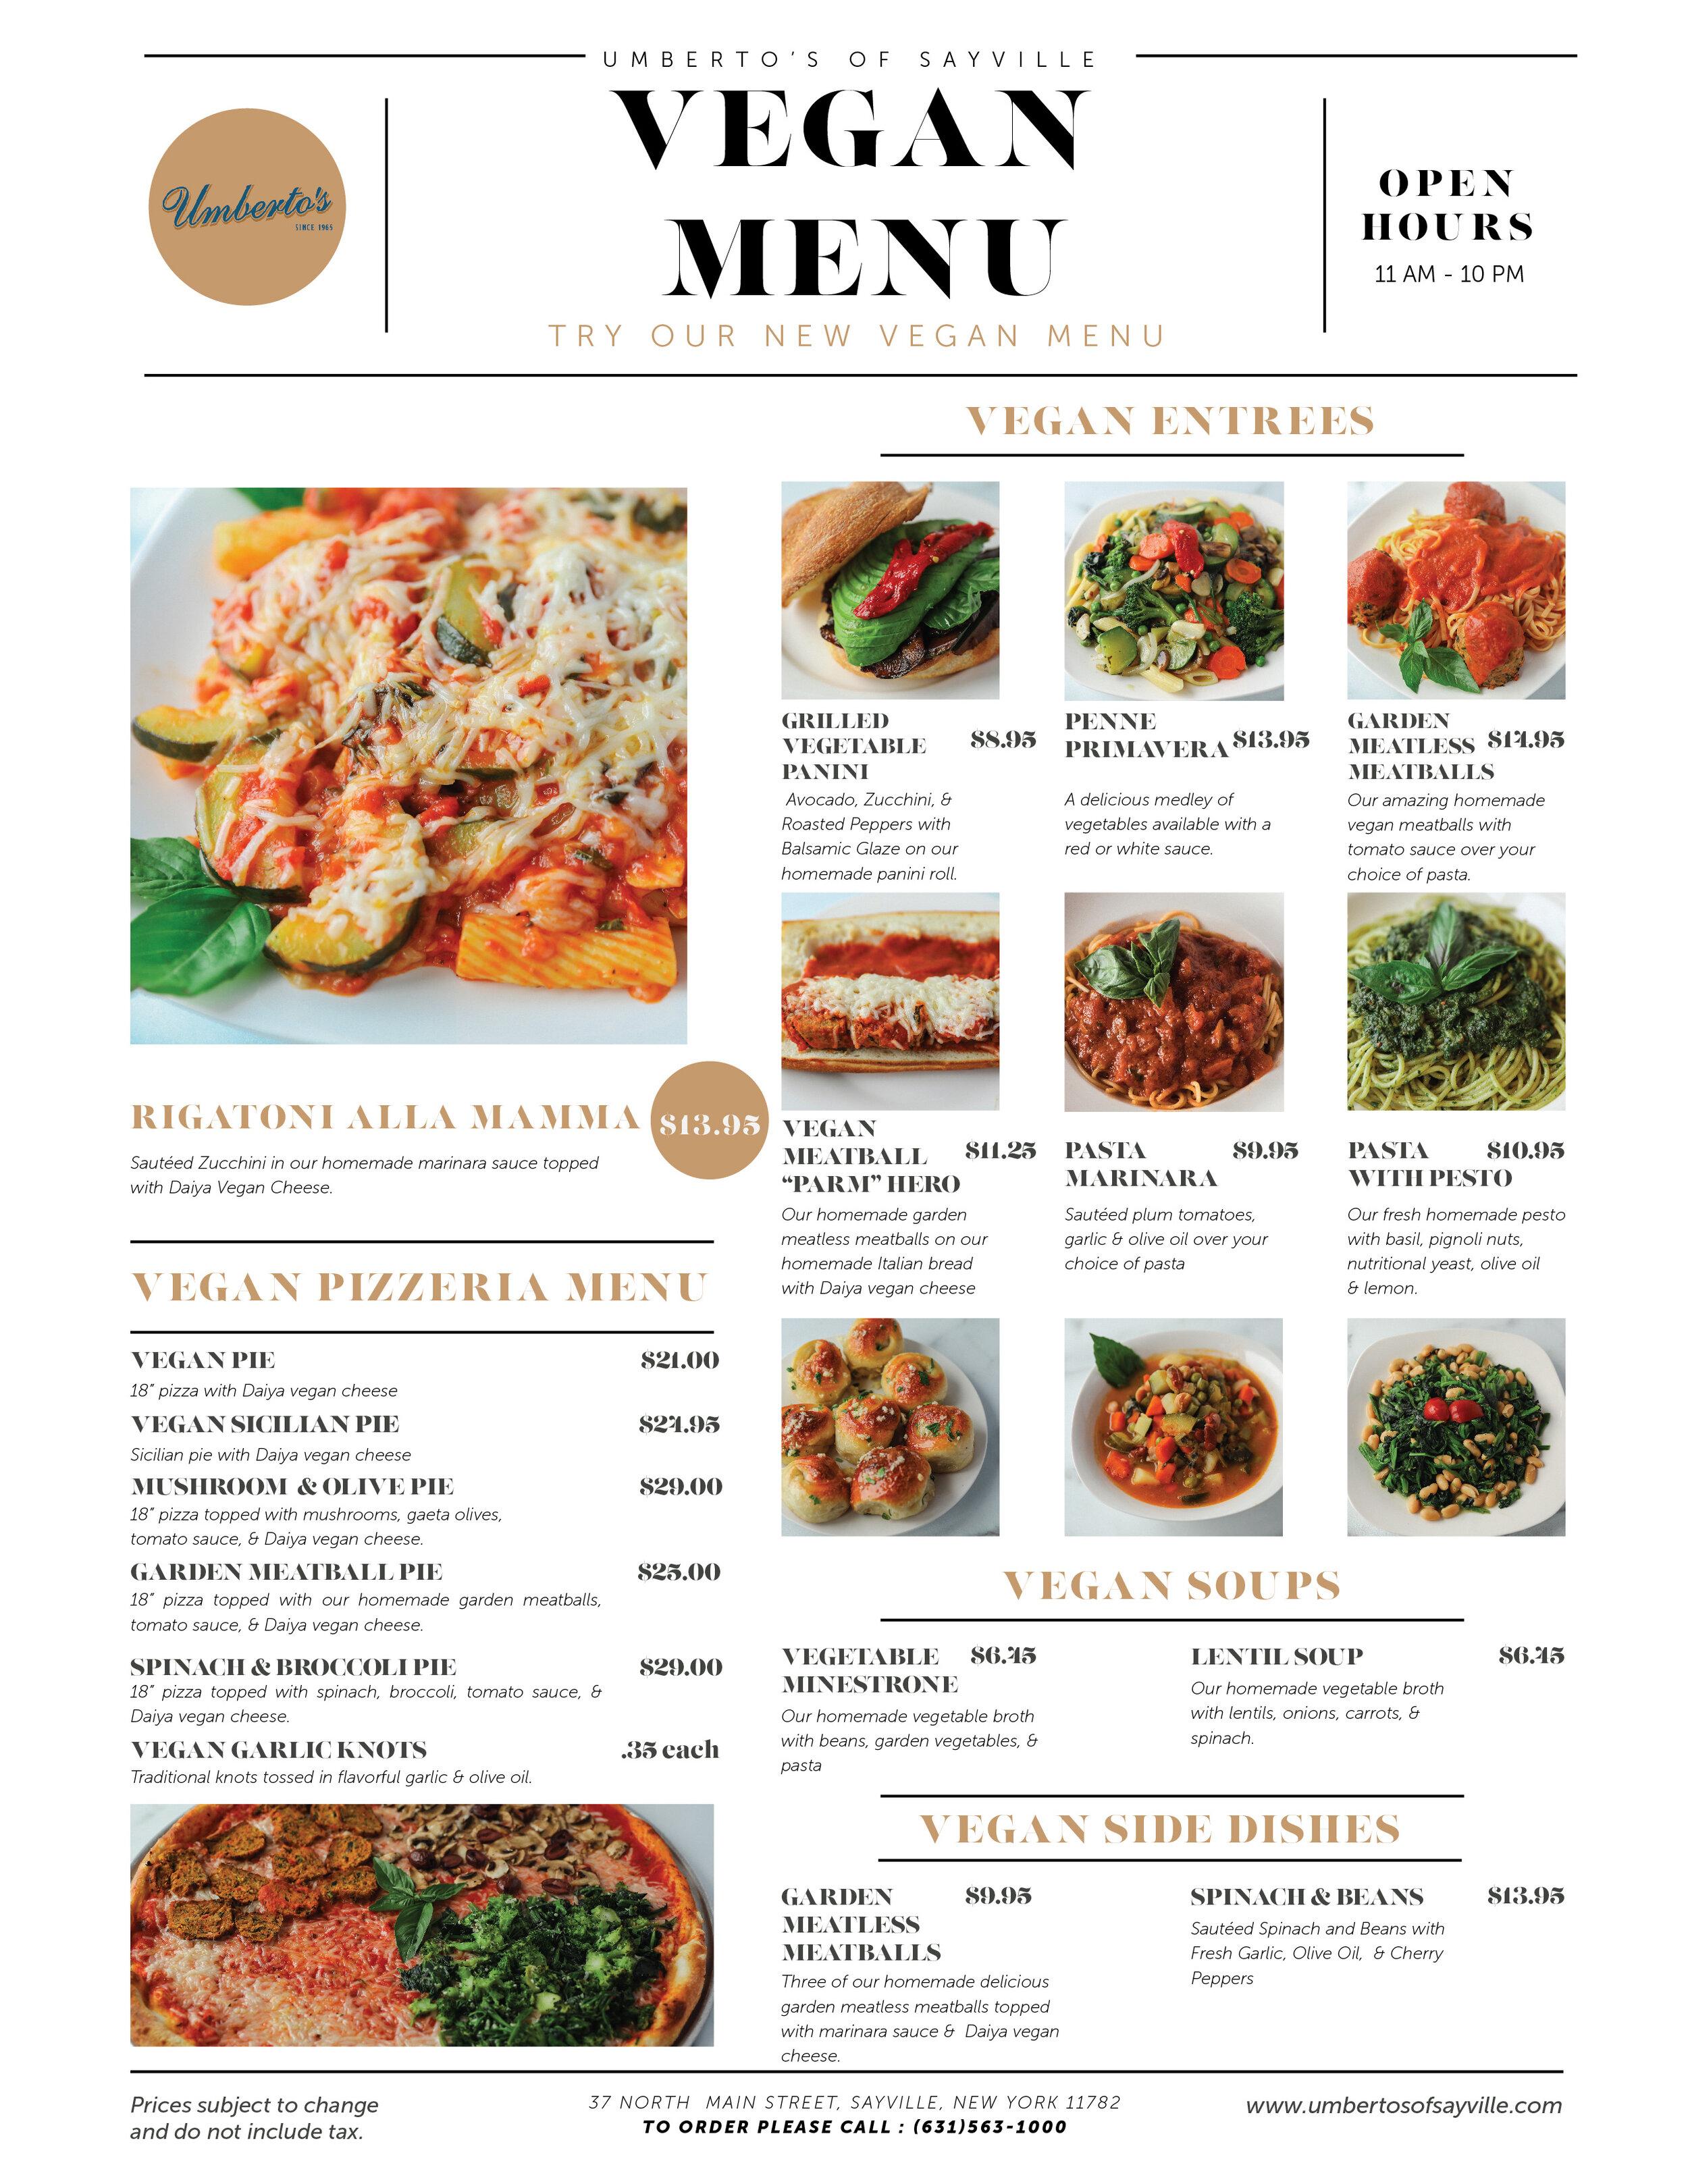 sayville vegan menu revised oct 10-01.jpg